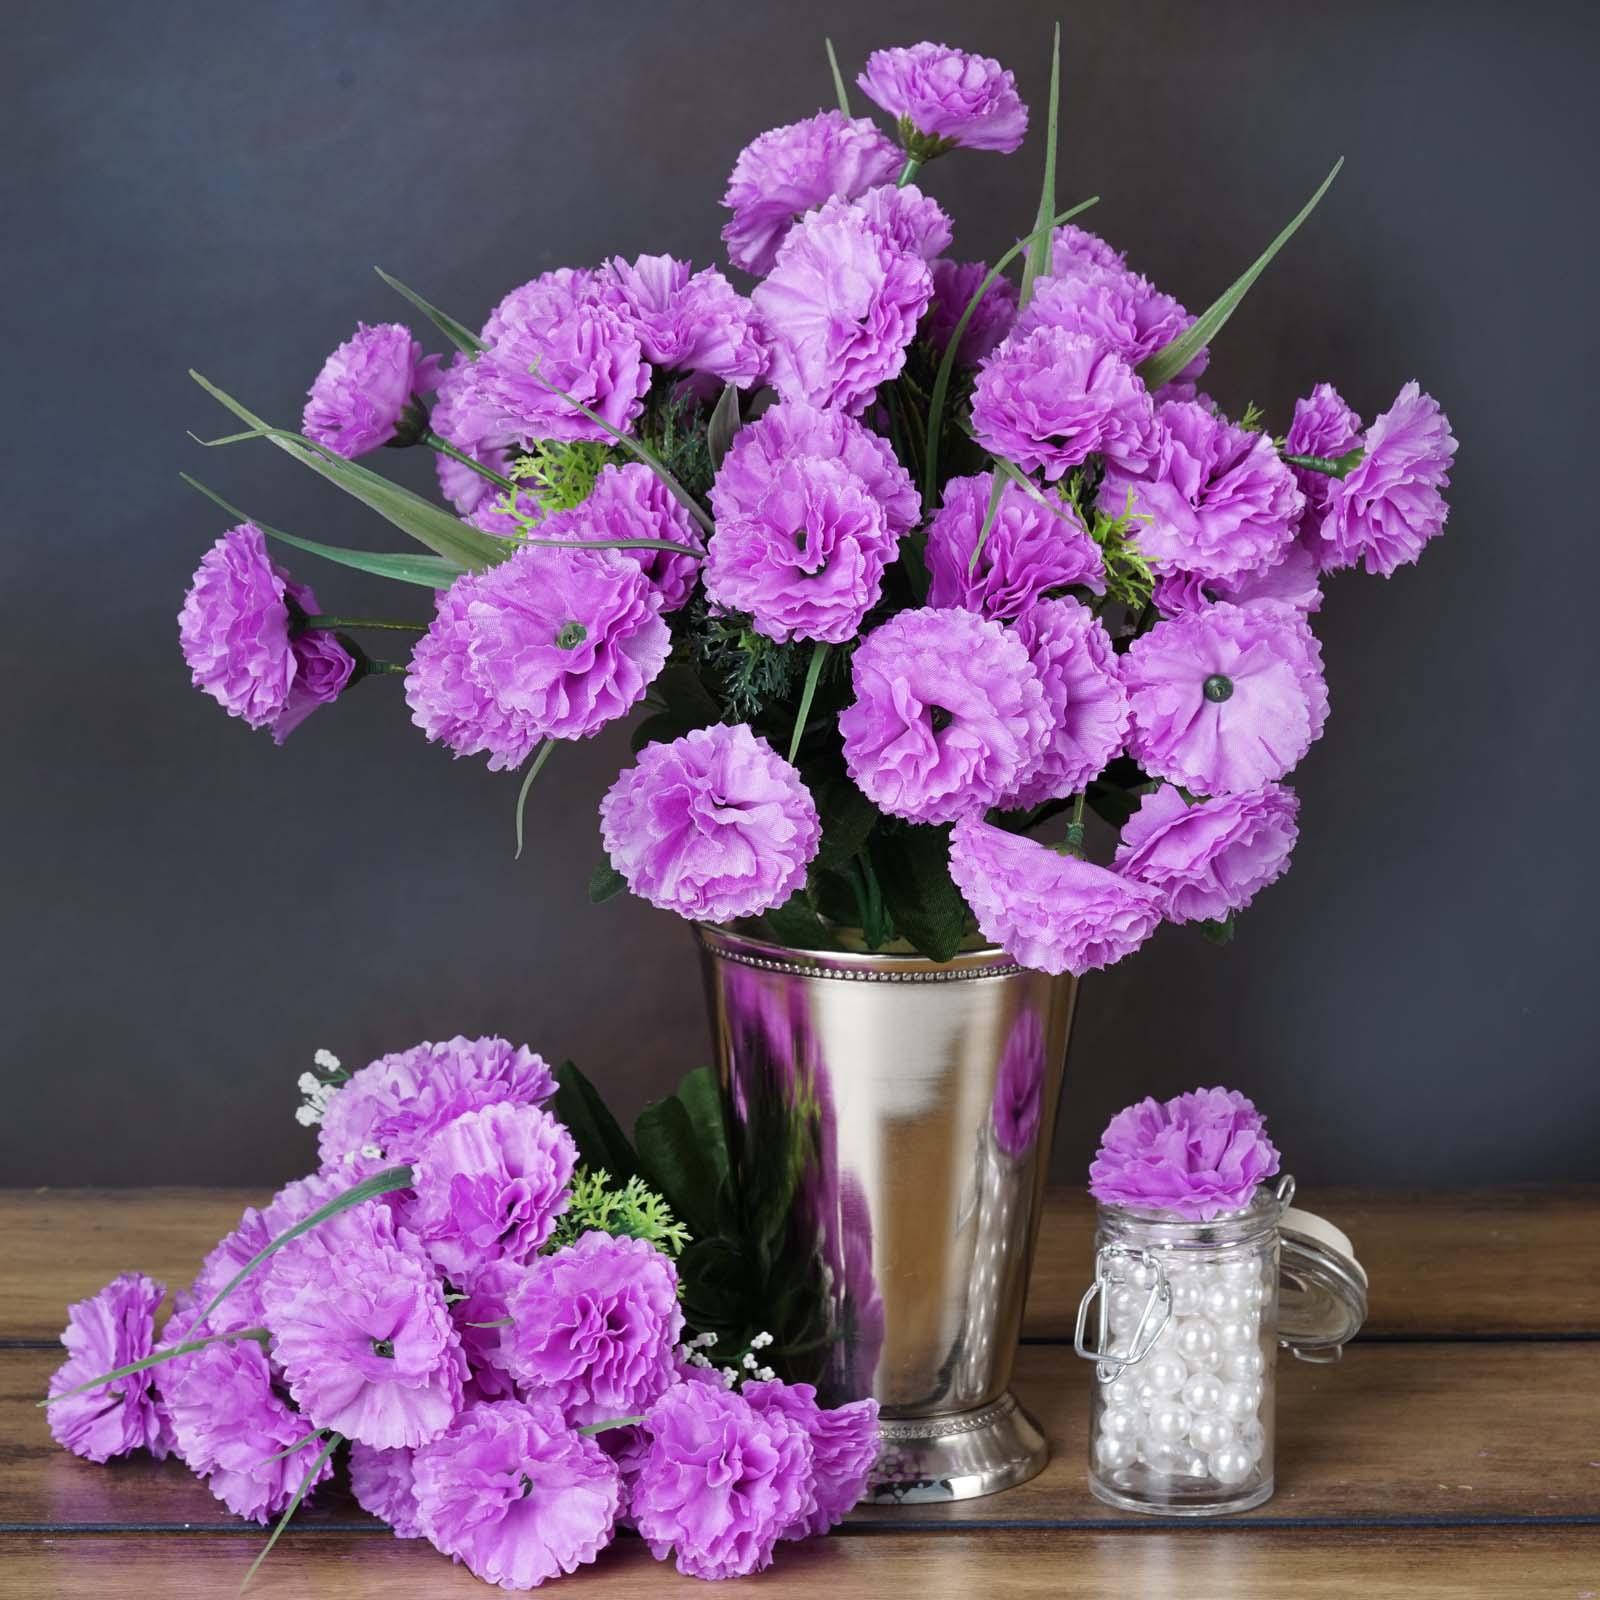 Efavormart 252 Mini Artificial Carnations for DIY Wedding Bouquets Centerpieces Arrangements Party Home Decorations - 15 colors